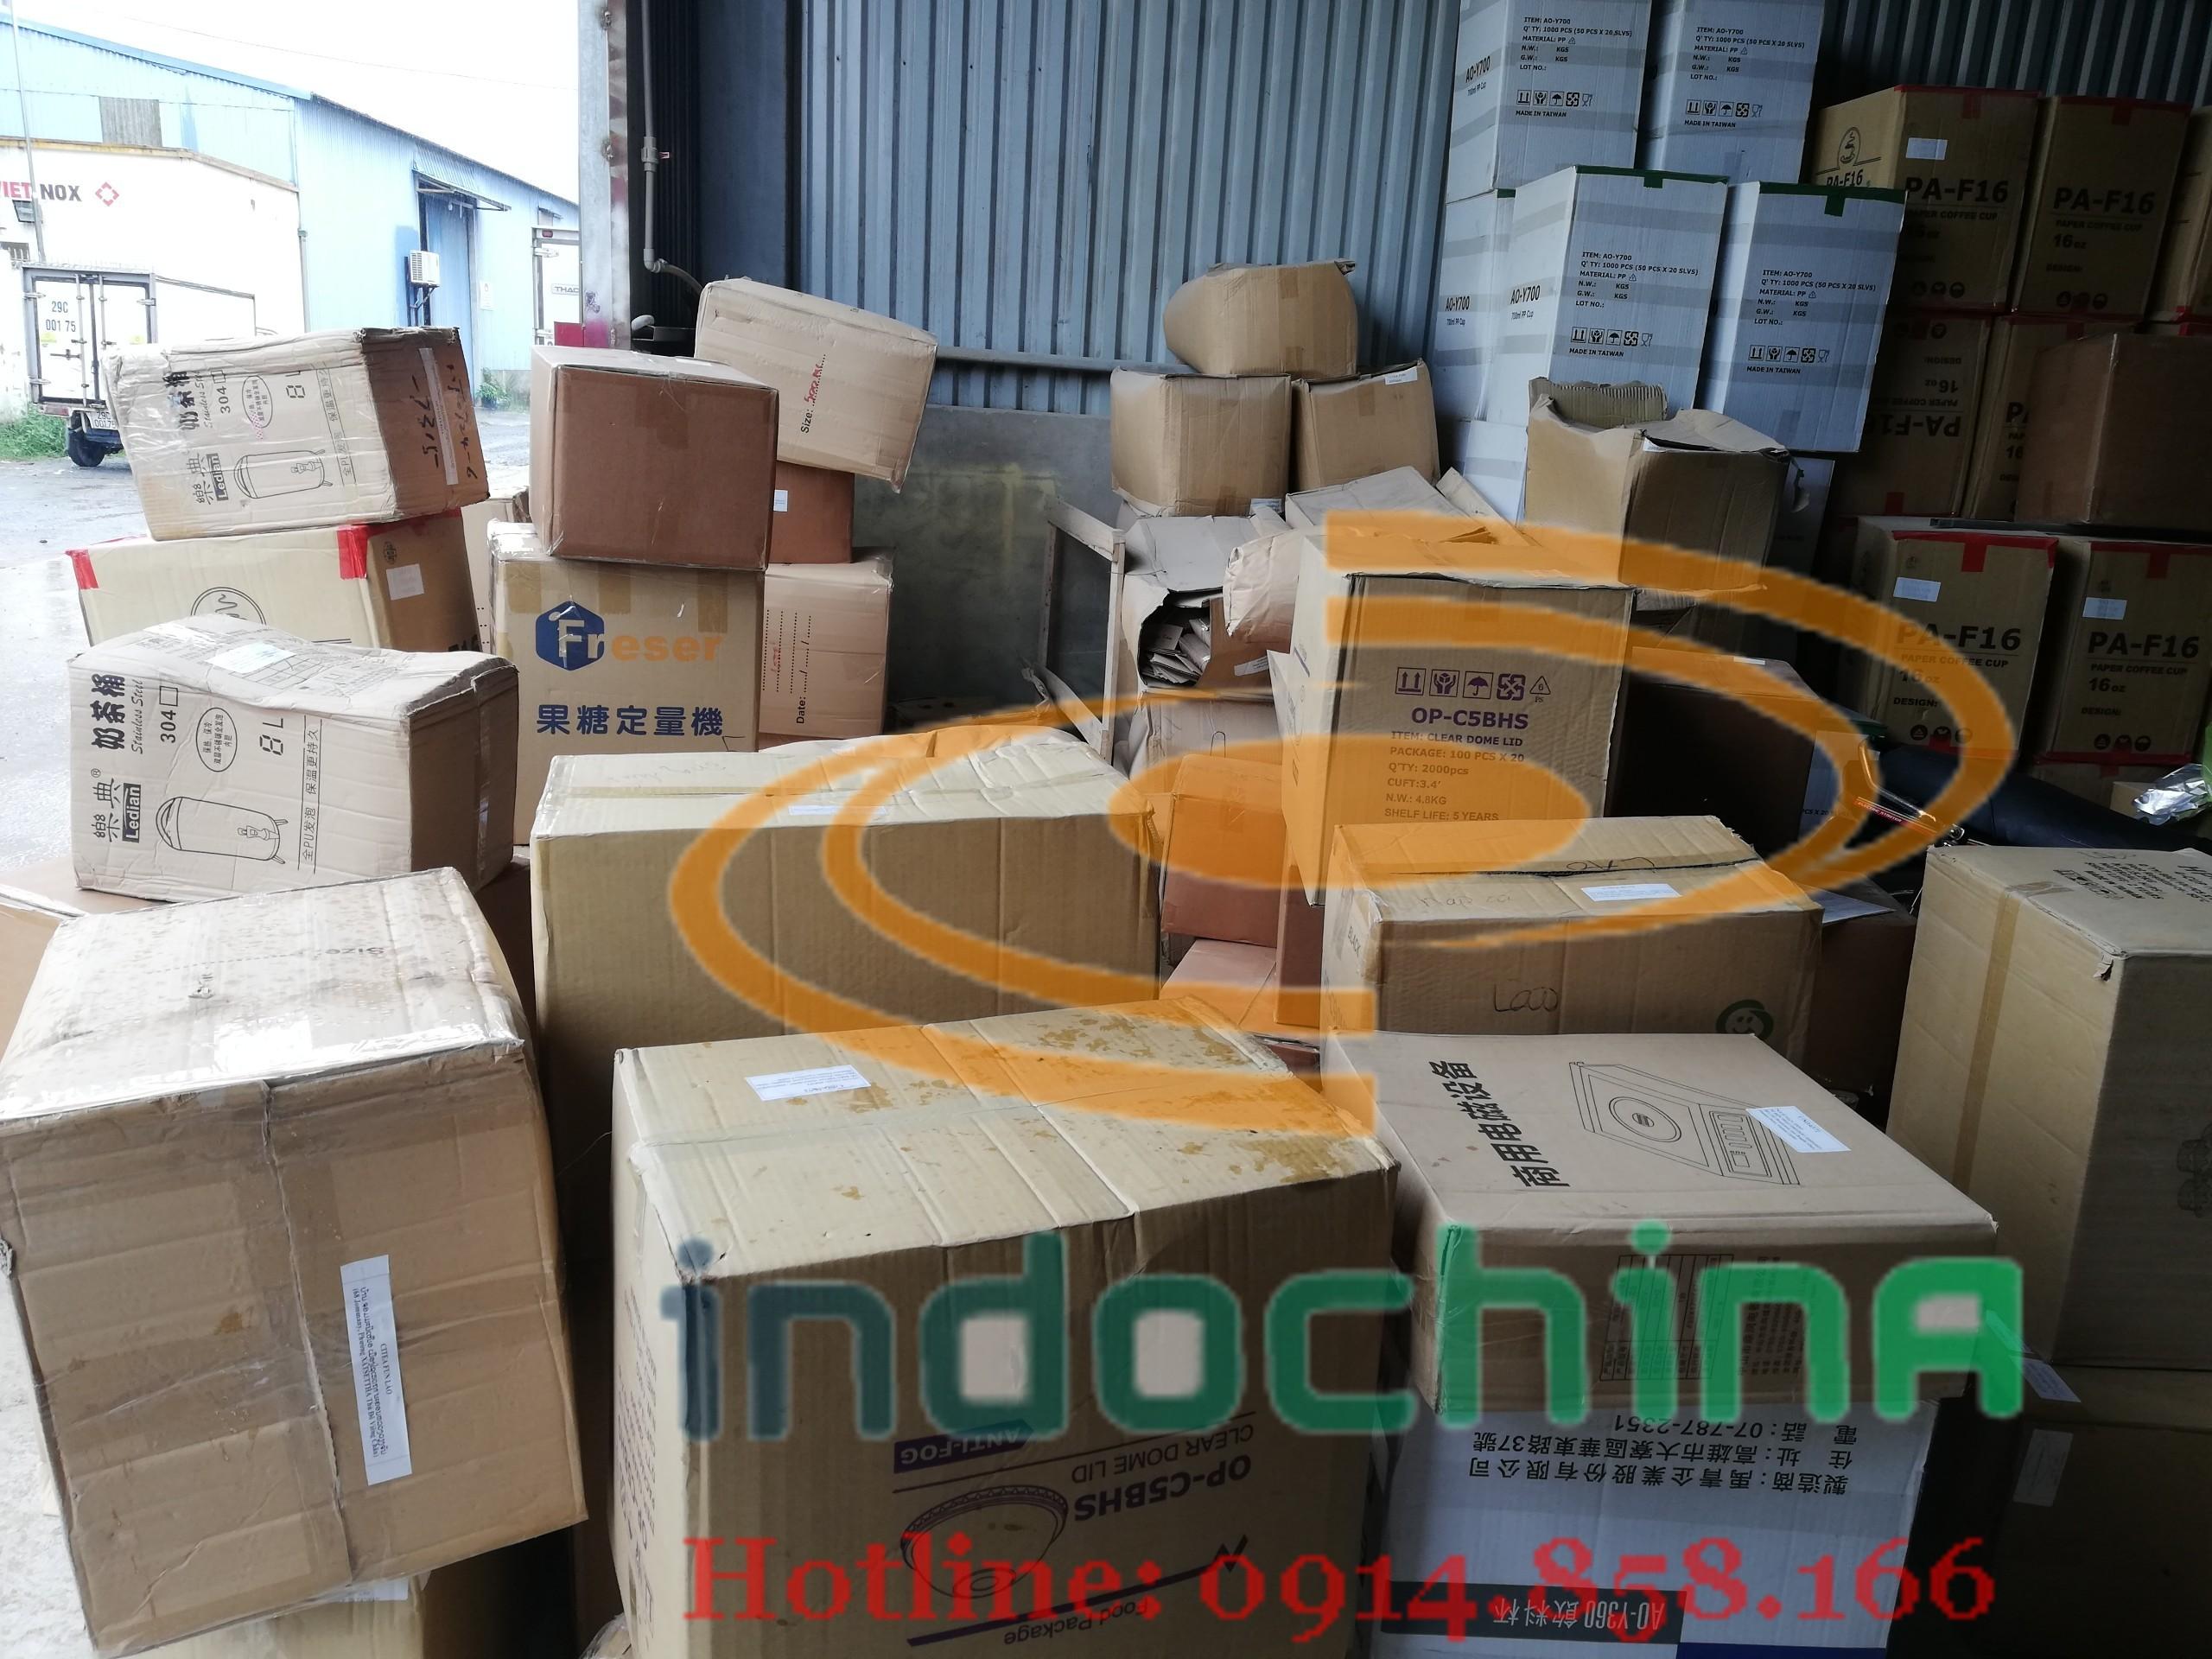 Chuyển phát nhanh và vận chuyển hàng từ Sài gòn ra Hà Nội nhanh chuyên nghiệp giá rẻ